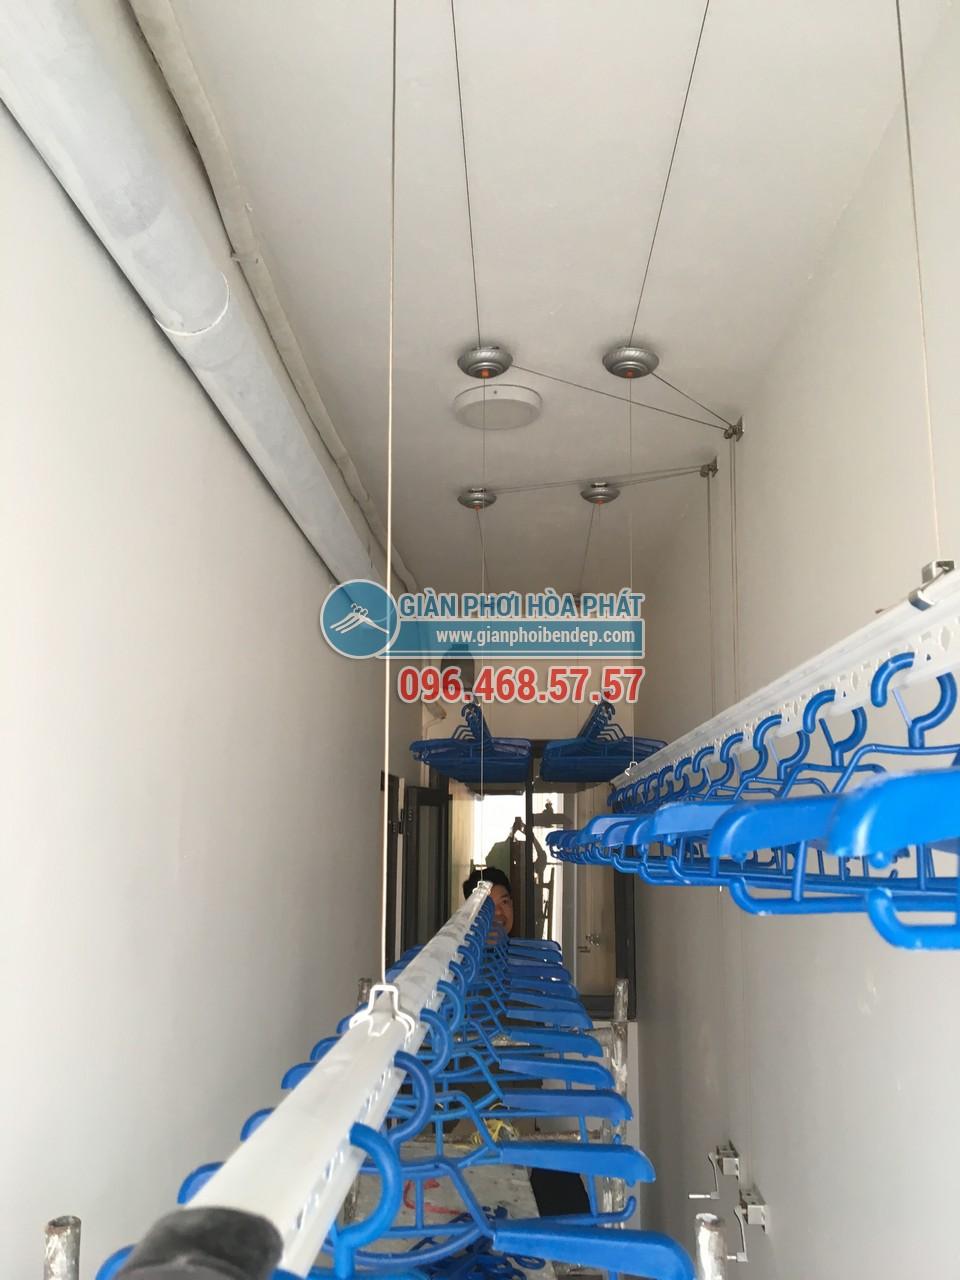 Lô gia dài hẹp thêm tiện ích nhờ lắp đặt giàn phơi thông minh nhà chị Hòa, Golden West - 05